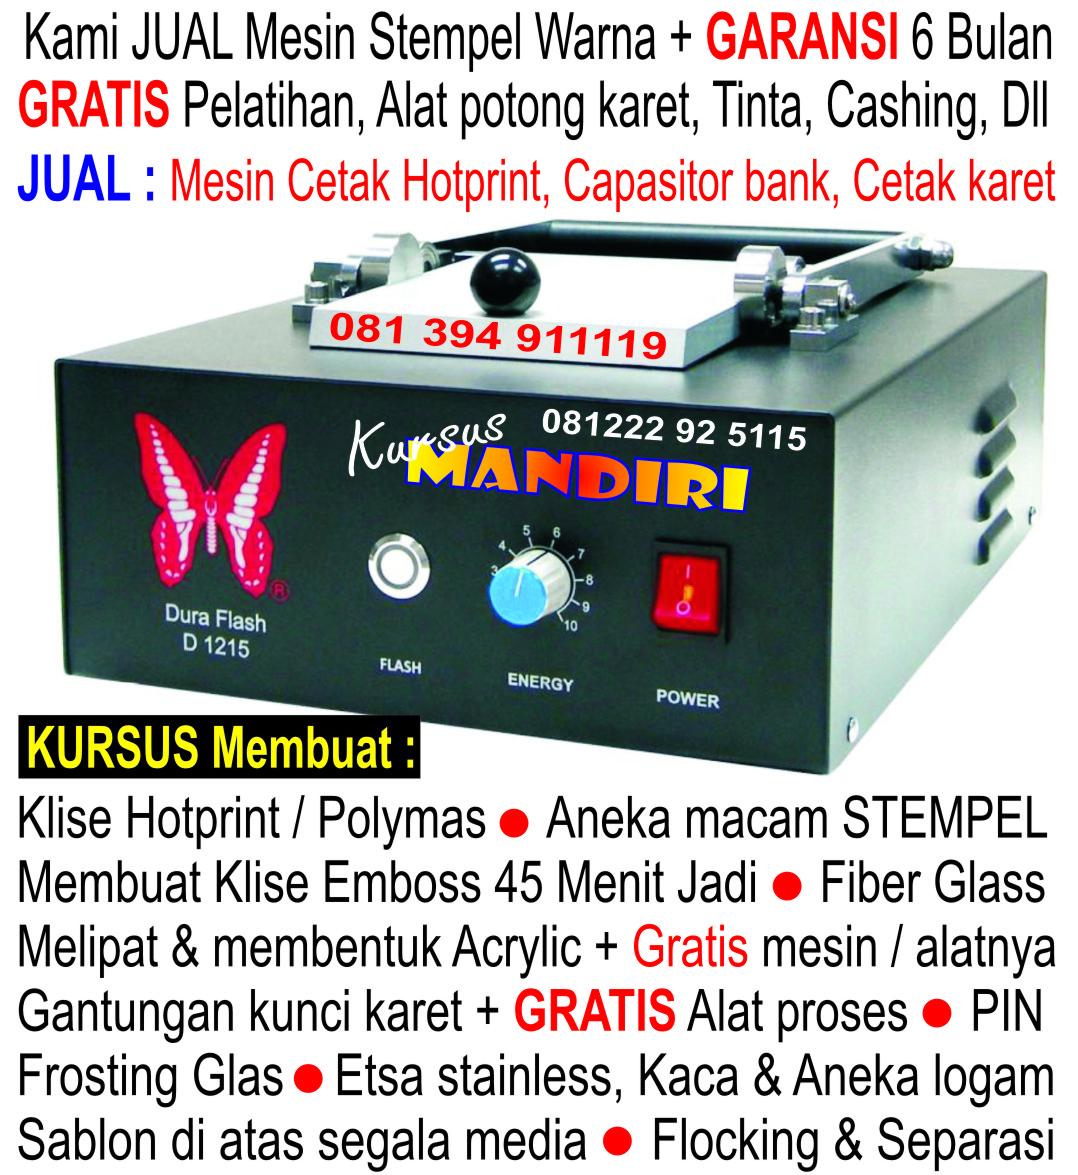 MANDIRI 10